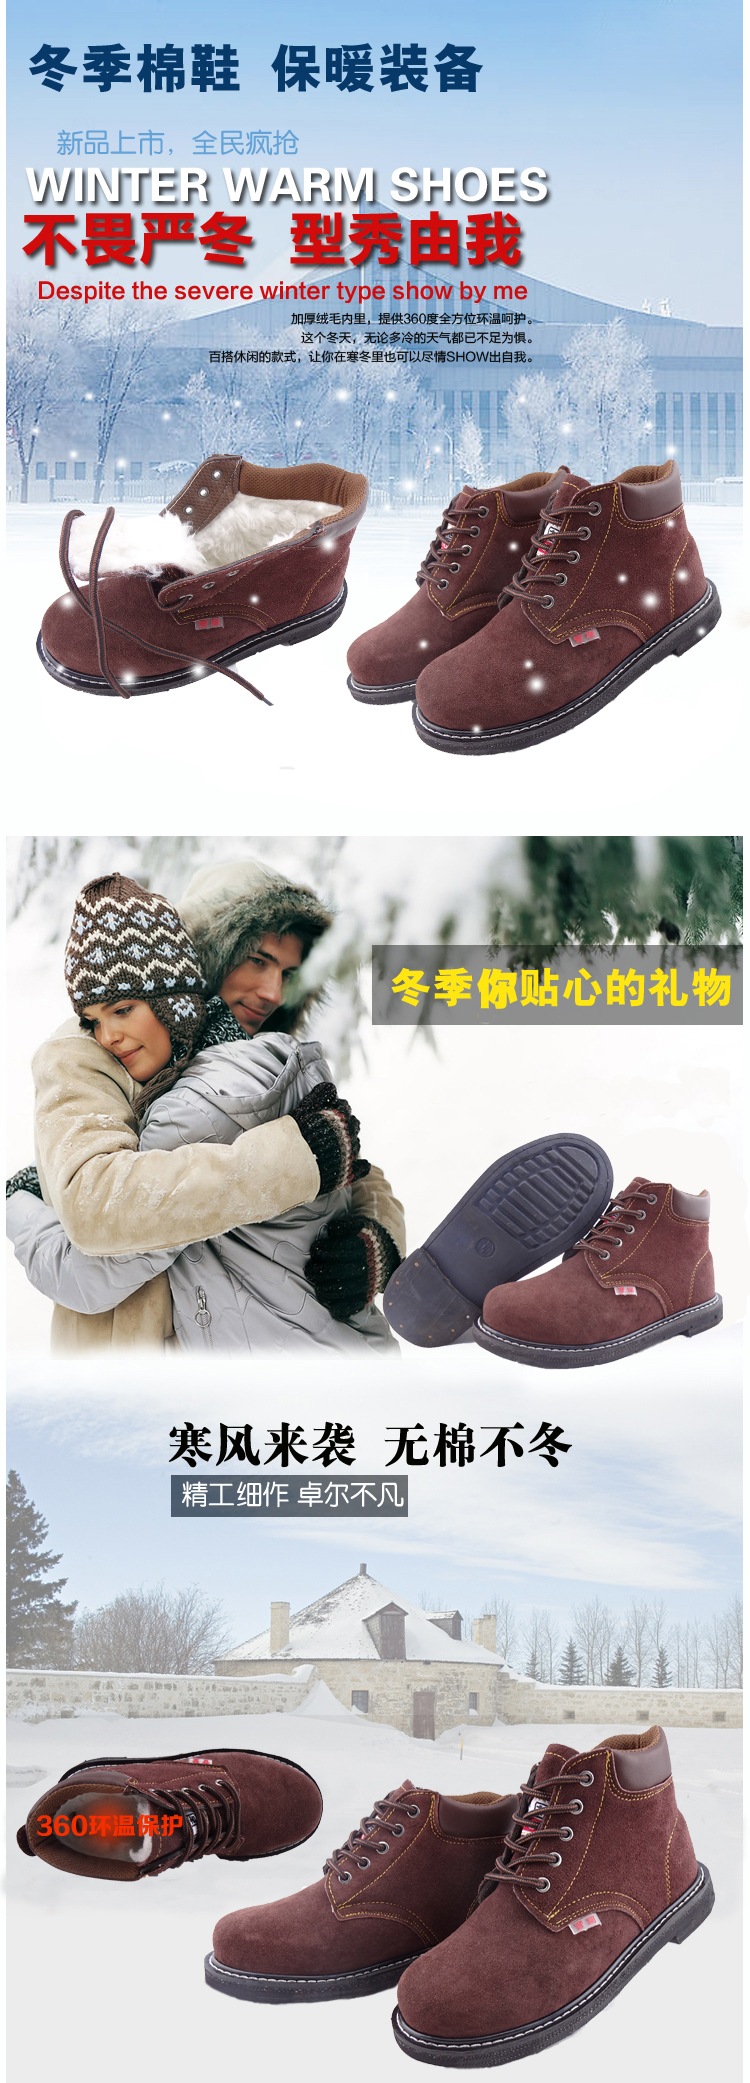 Lao động giày bông nam và nữ lốp mùa đông do thời tiết dưới Baotou Steel chống đập đâm mặc trang web làm việc da